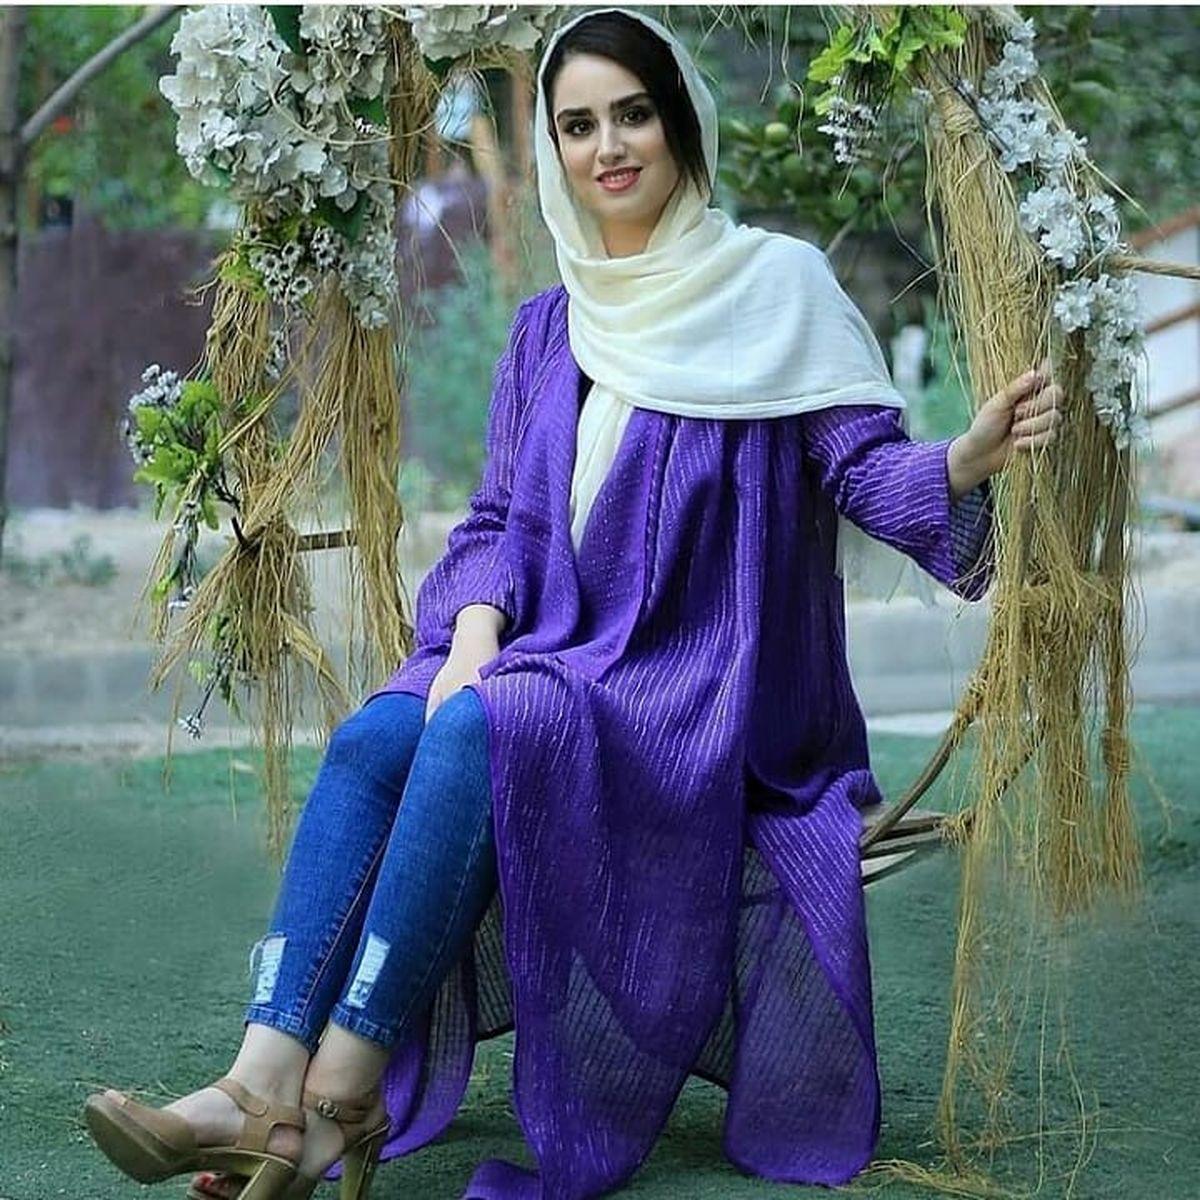 ساپورت پاره هانیه غلامی +عکس